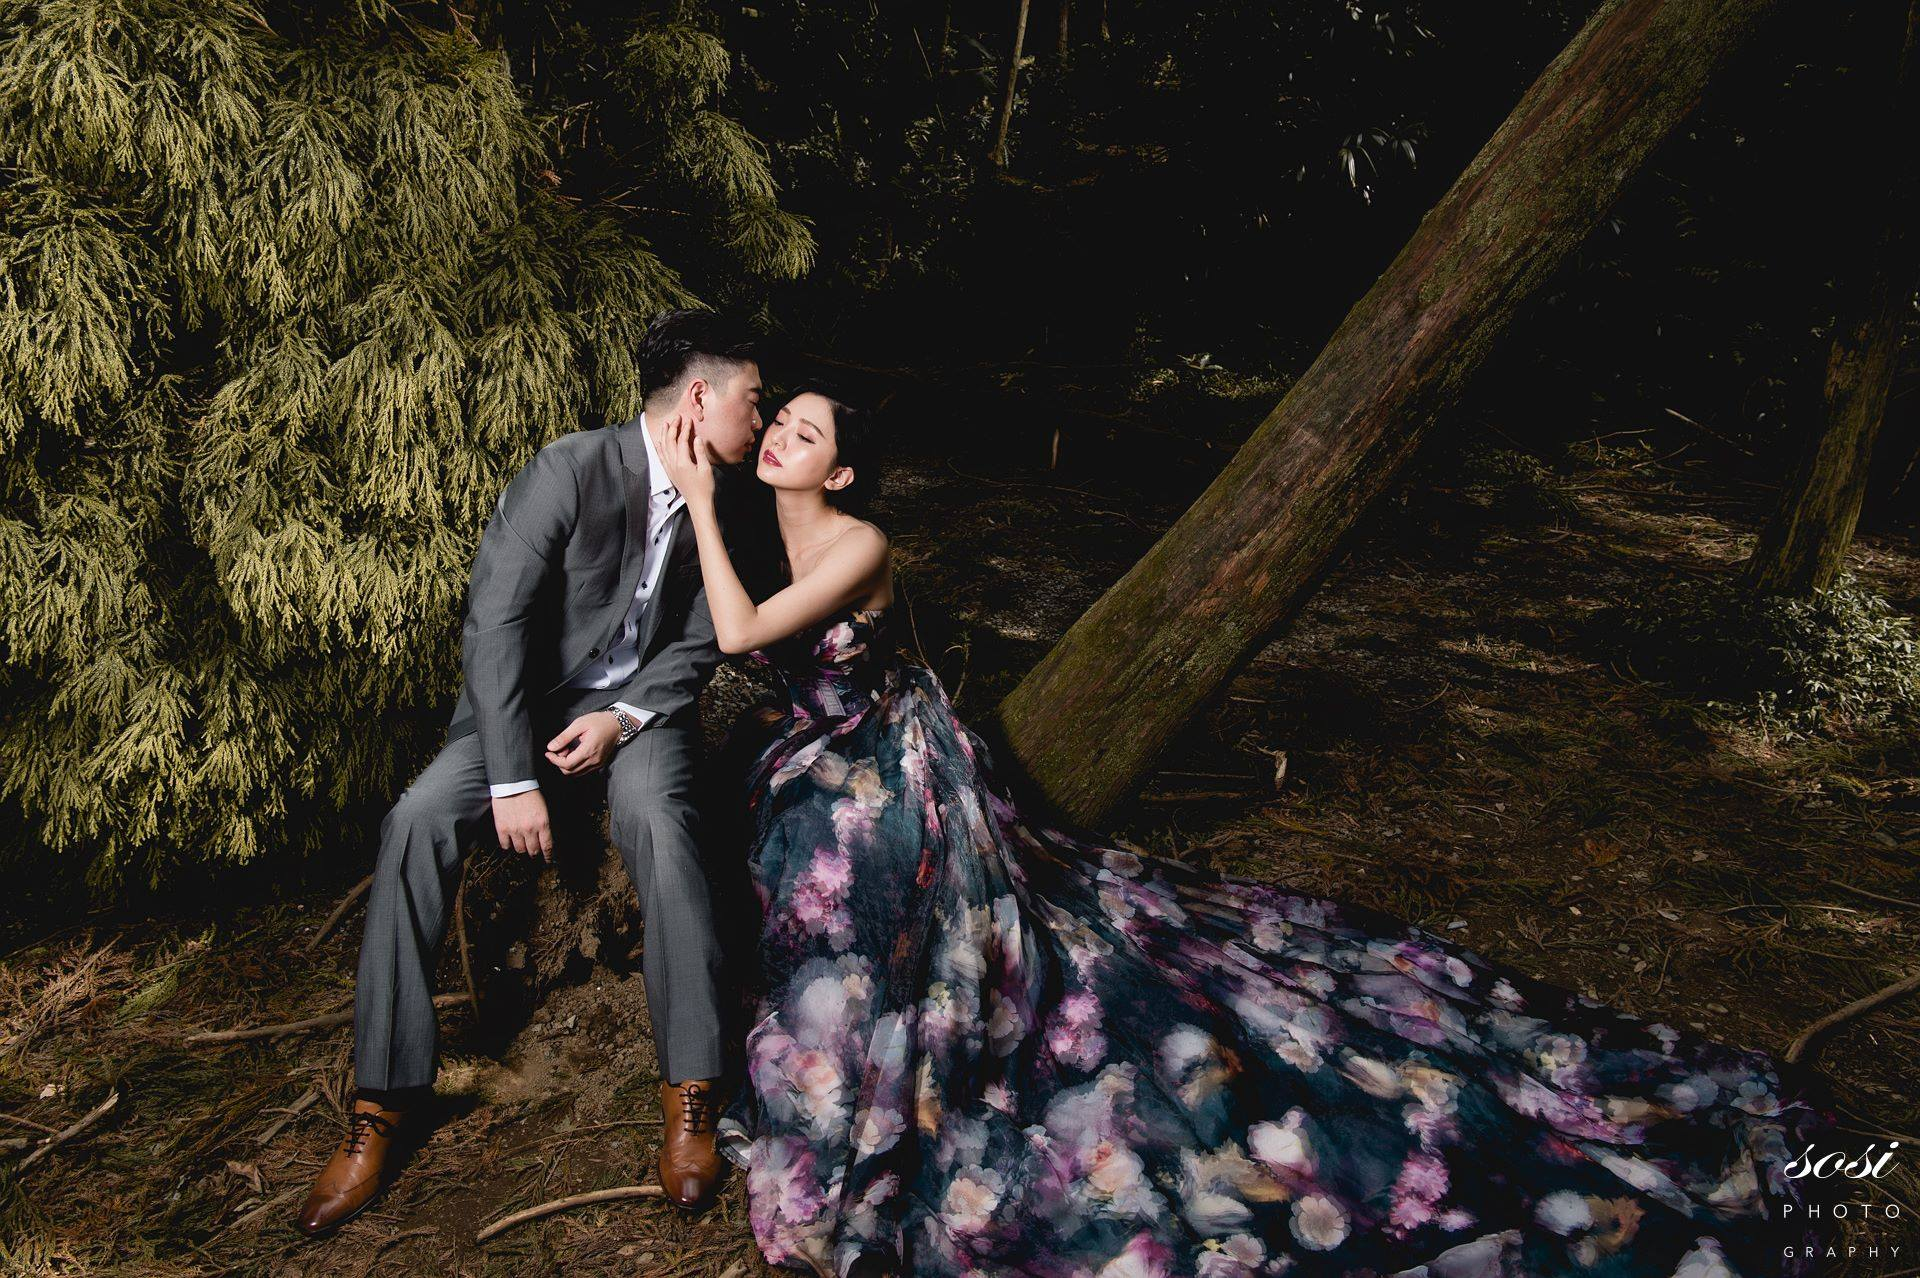 藍色禮服,禮服,婚紗,台北婚紗,婚紗照